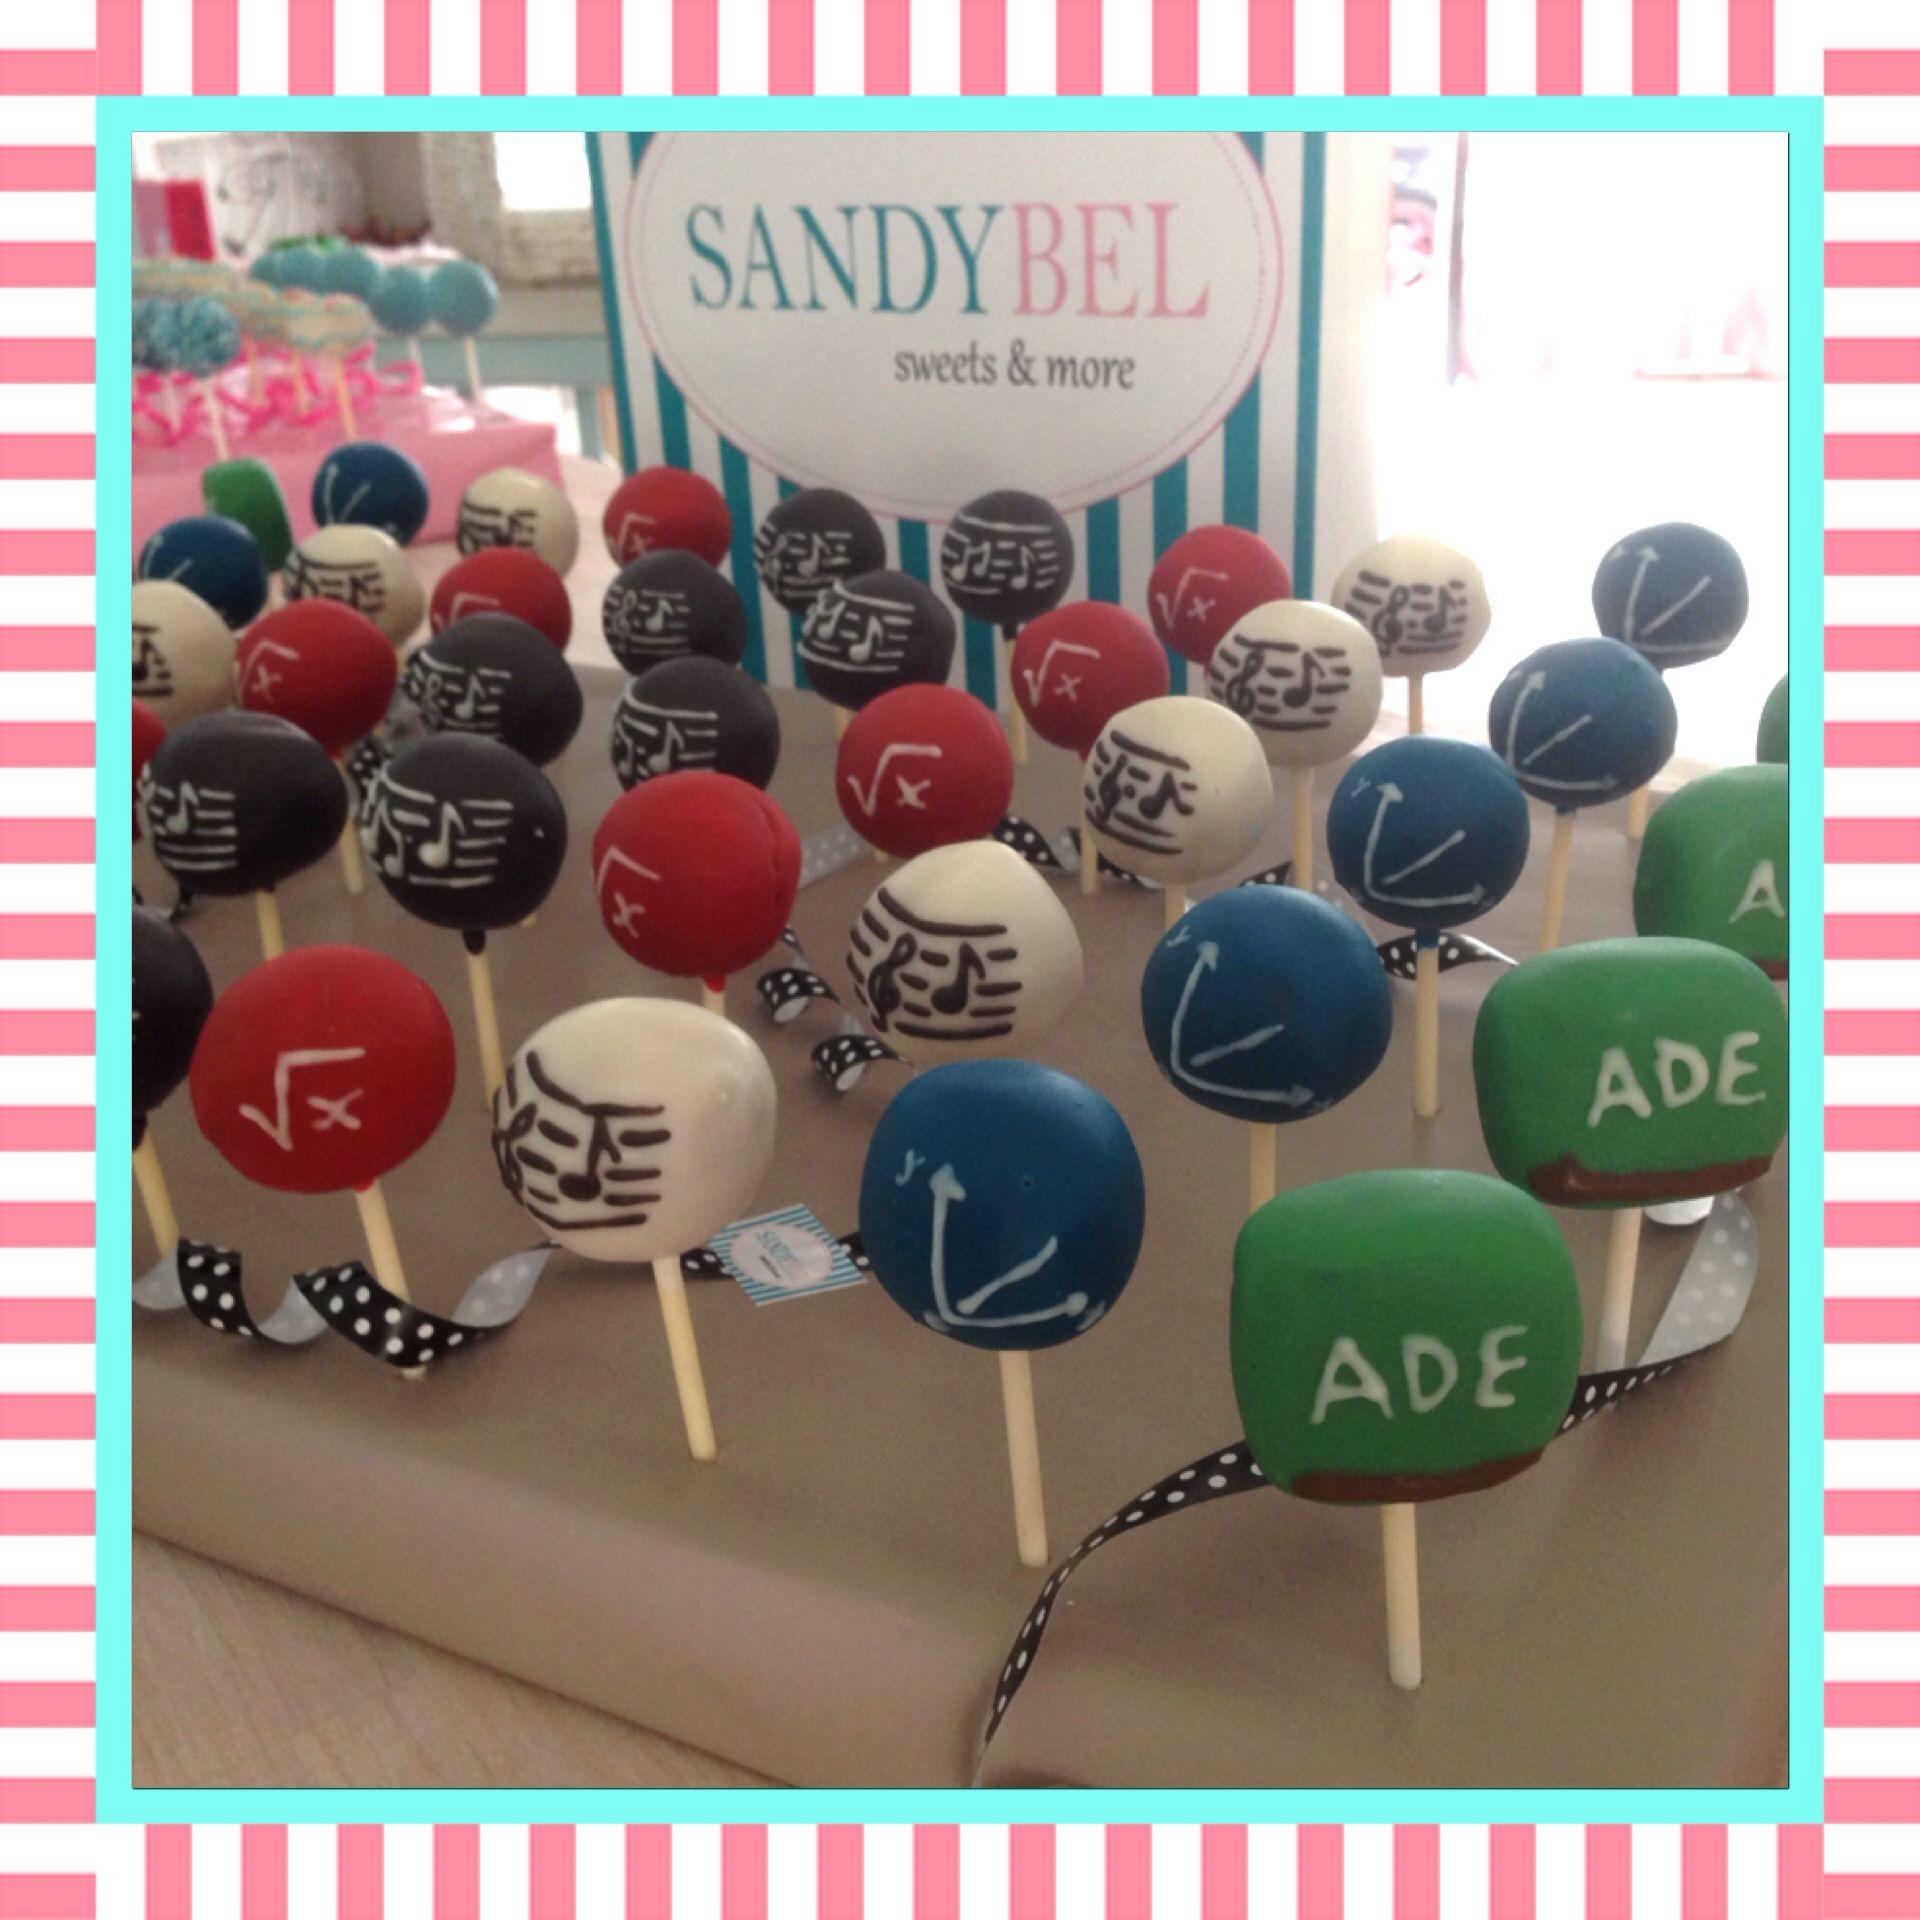 Zum Abschied für die Mathematik- und Musik Lehrerin #cakepops by #sandybel #nürnberg #fürth #sweets #mathematik #musik #schule #abschied